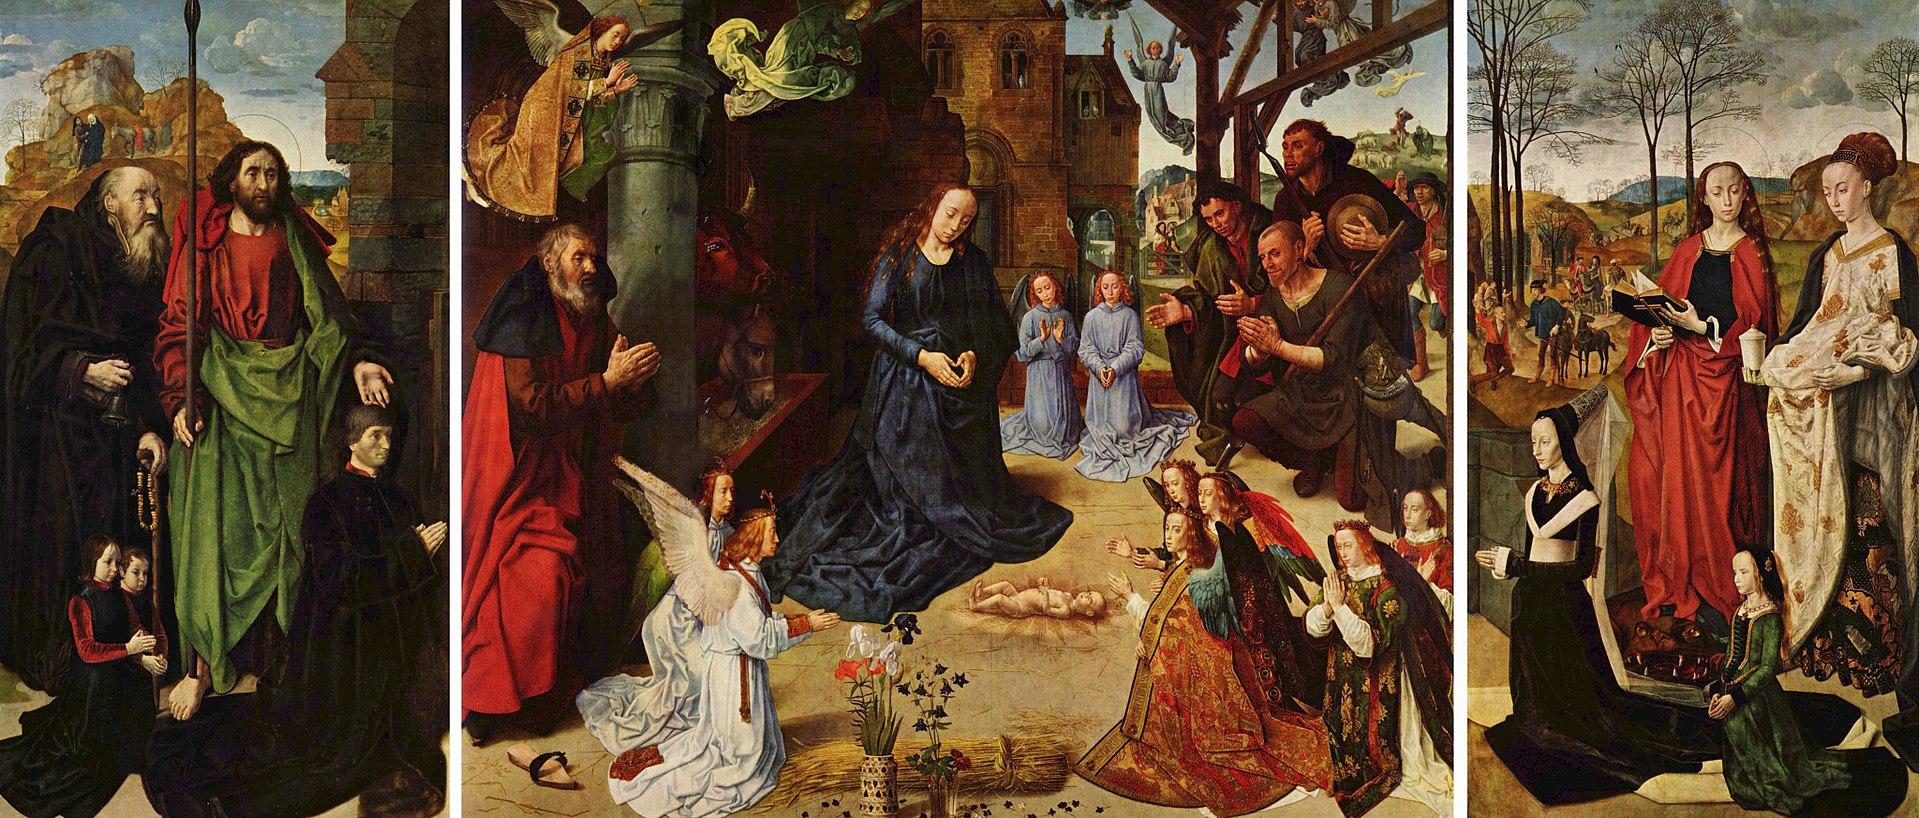 HUGO VAN DER GOES (um 1435/1440-1482) - Der Portinari-Triptychon, Farbe/Holz, 1473-77 Florenz, Galleria degli Uffizi